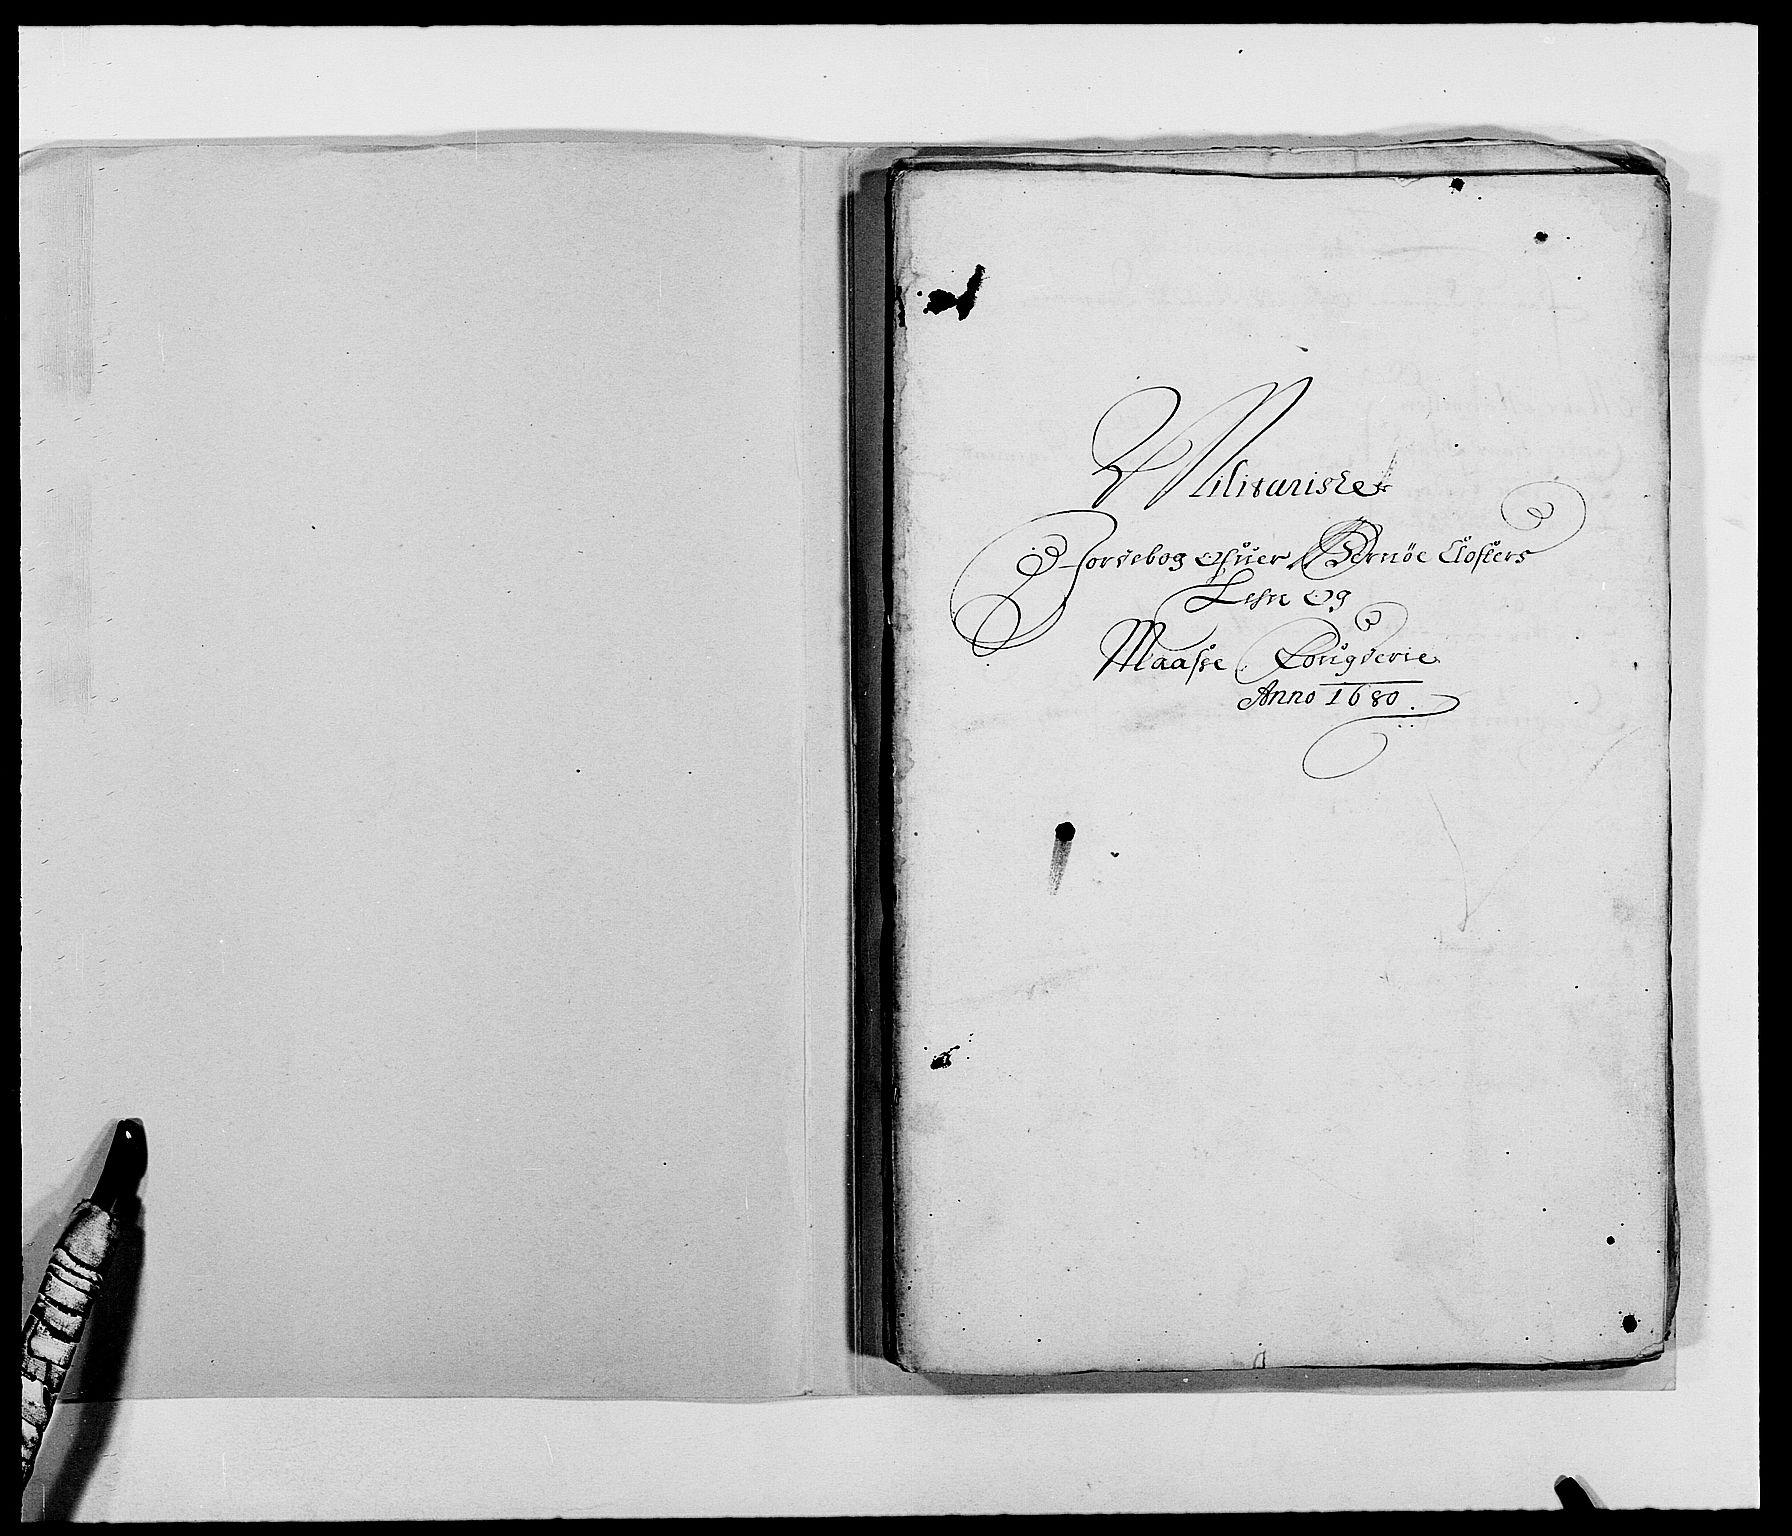 RA, Rentekammeret inntil 1814, Reviderte regnskaper, Fogderegnskap, R02/L0101: Fogderegnskap Moss og Verne kloster, 1680, s. 255